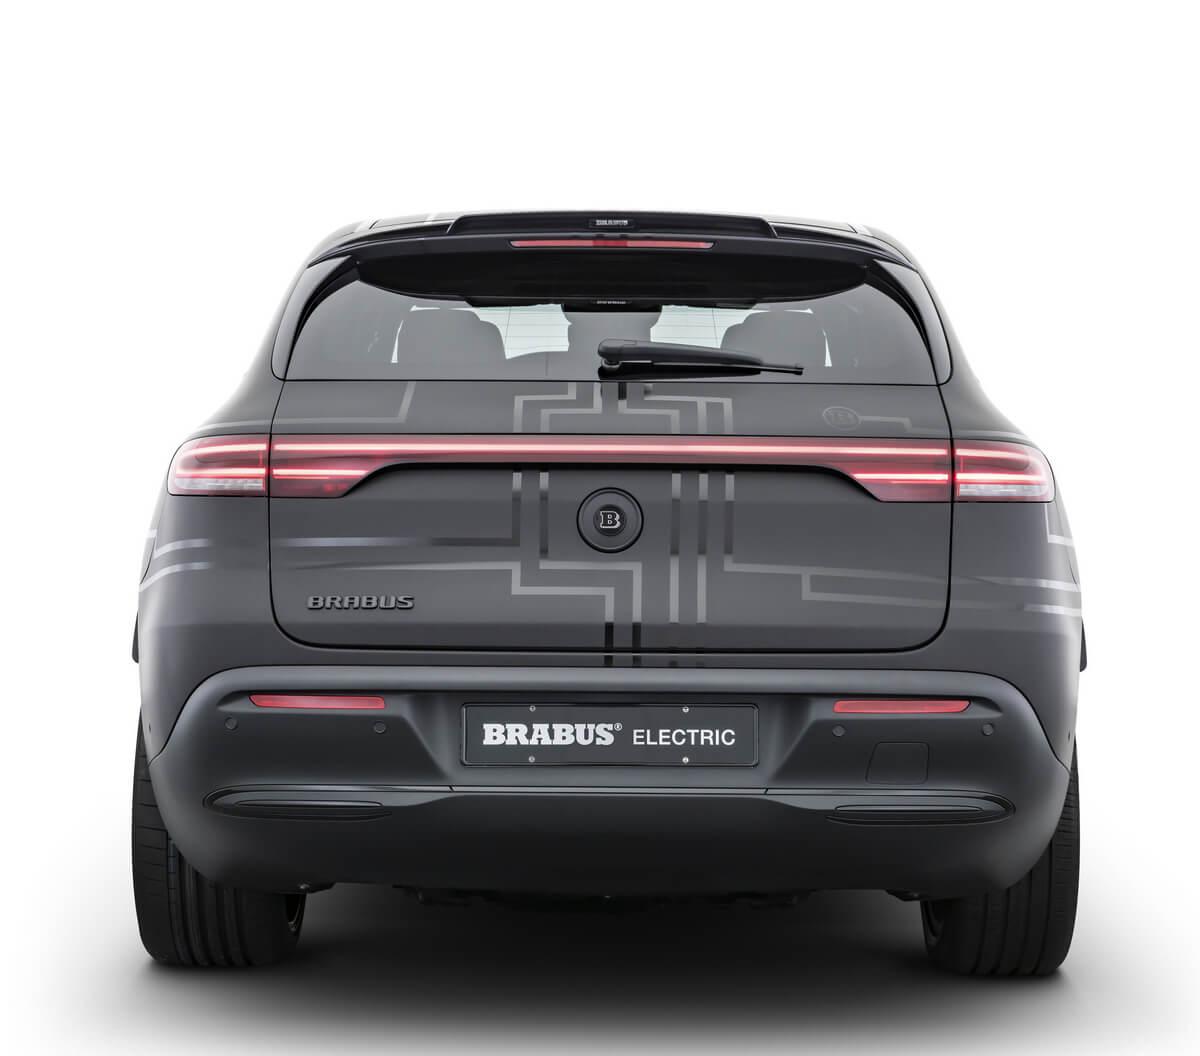 Brabus Electric Mercedes-Benz EQC 400 4MATIC Rear